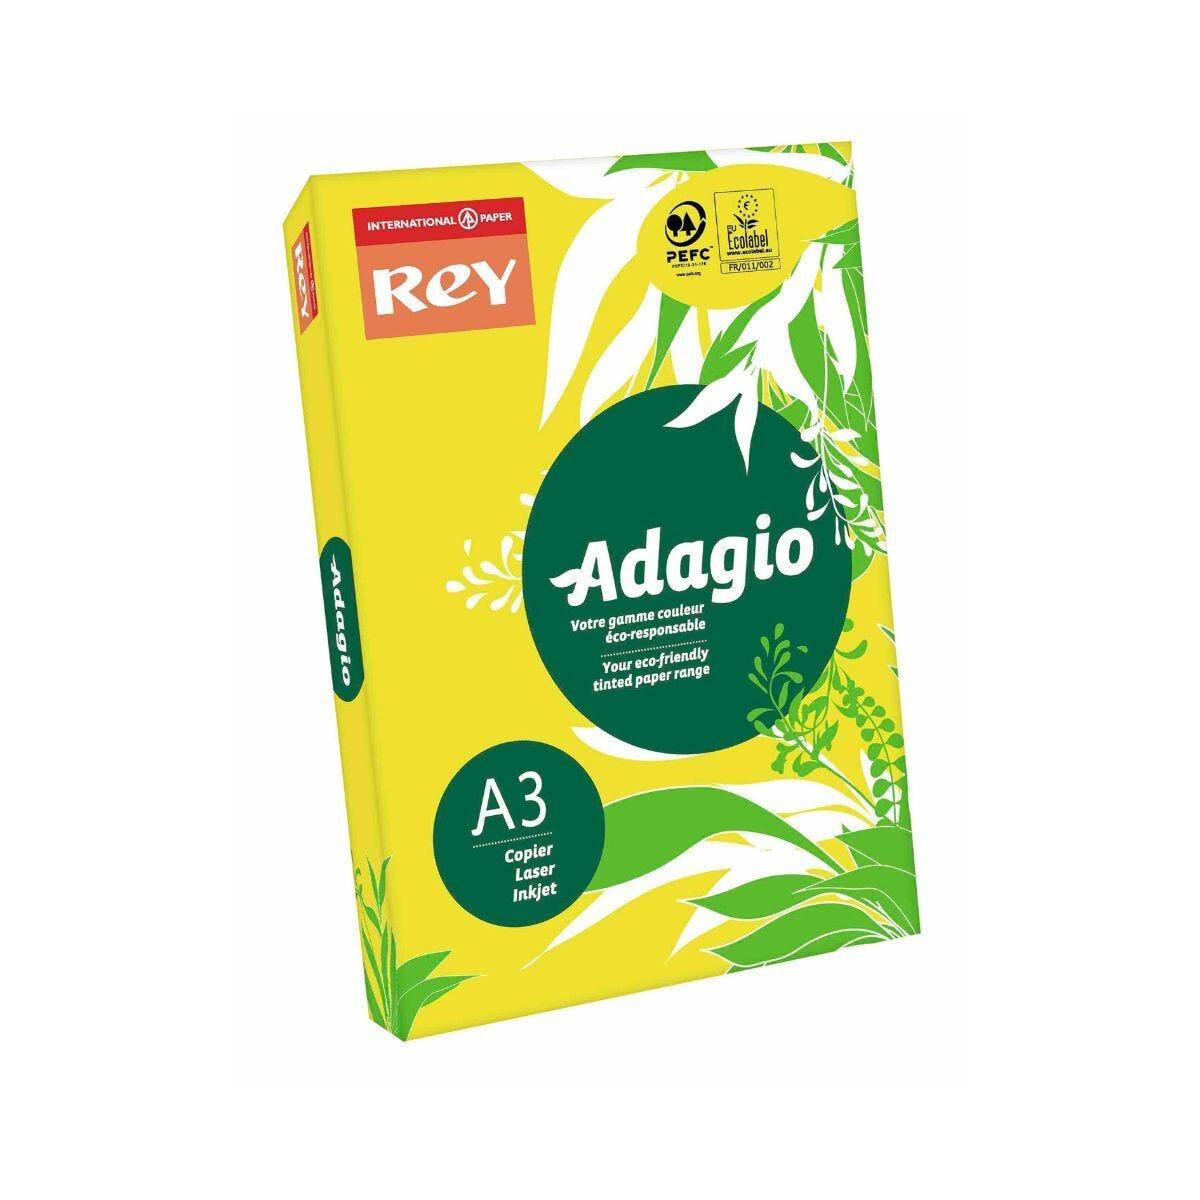 Adagio Copier Paper A3 80gsm Ream Yellow